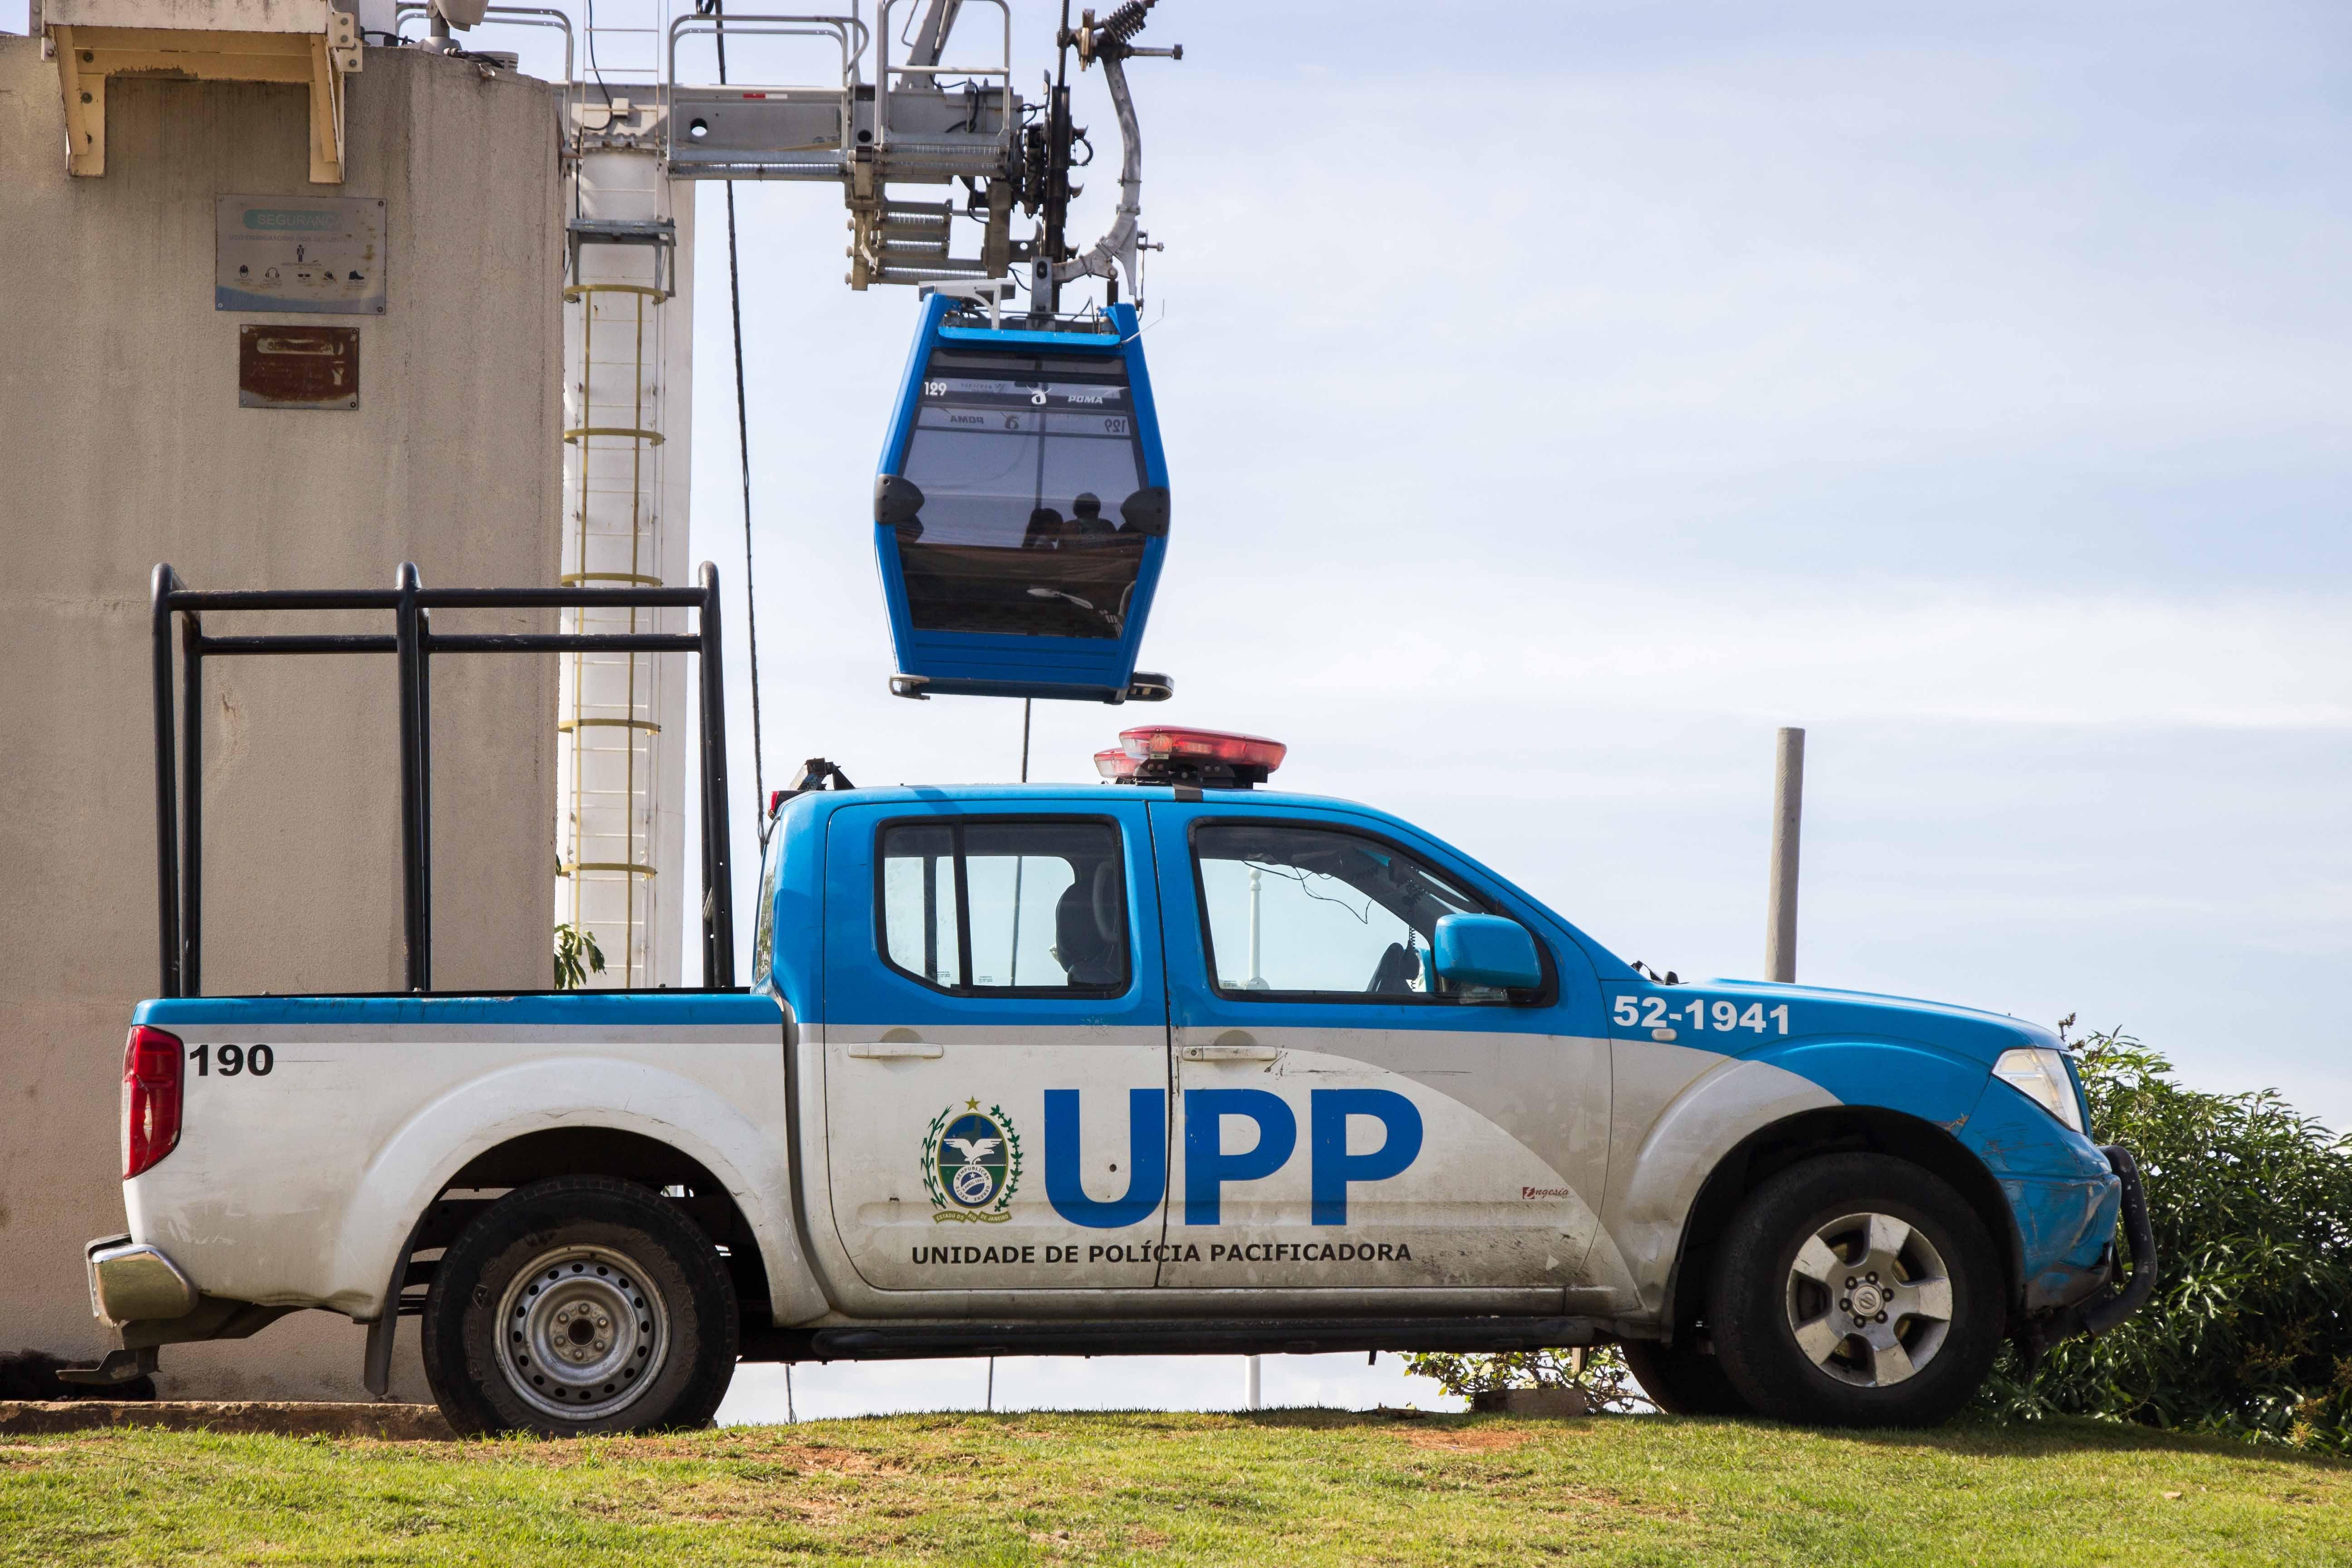 Estações do Teleférico serão transformadas em bases da UPP no Complexo do Alemão